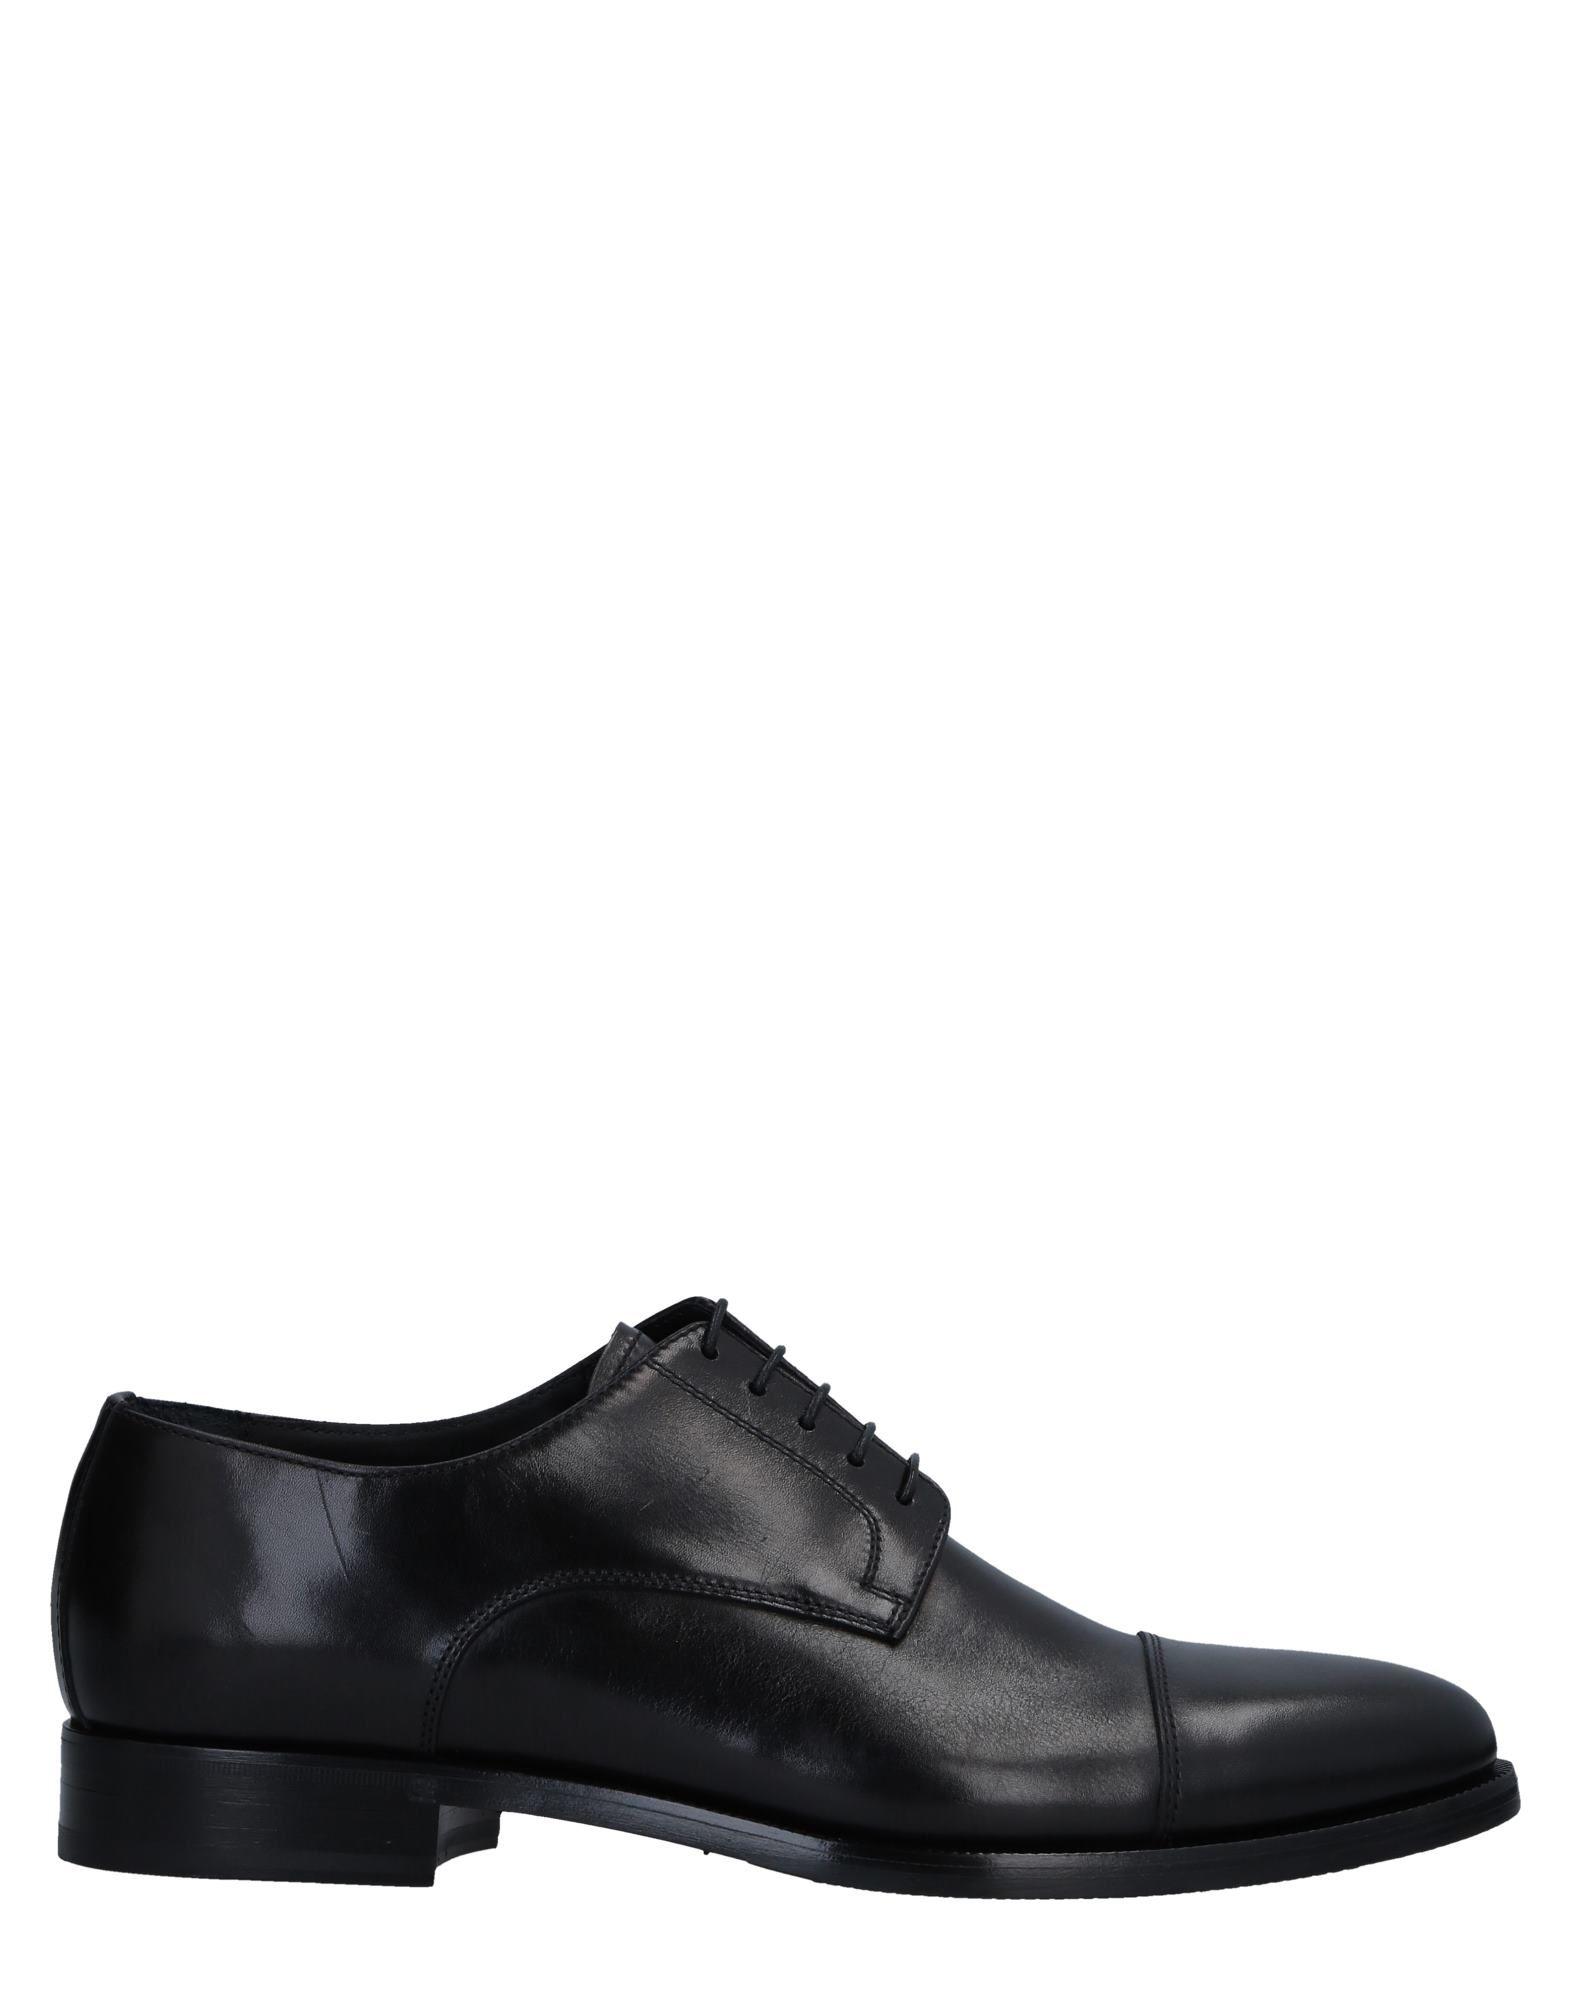 Fabi Schnürschuhe Herren  11517519GF Gute Qualität beliebte Schuhe